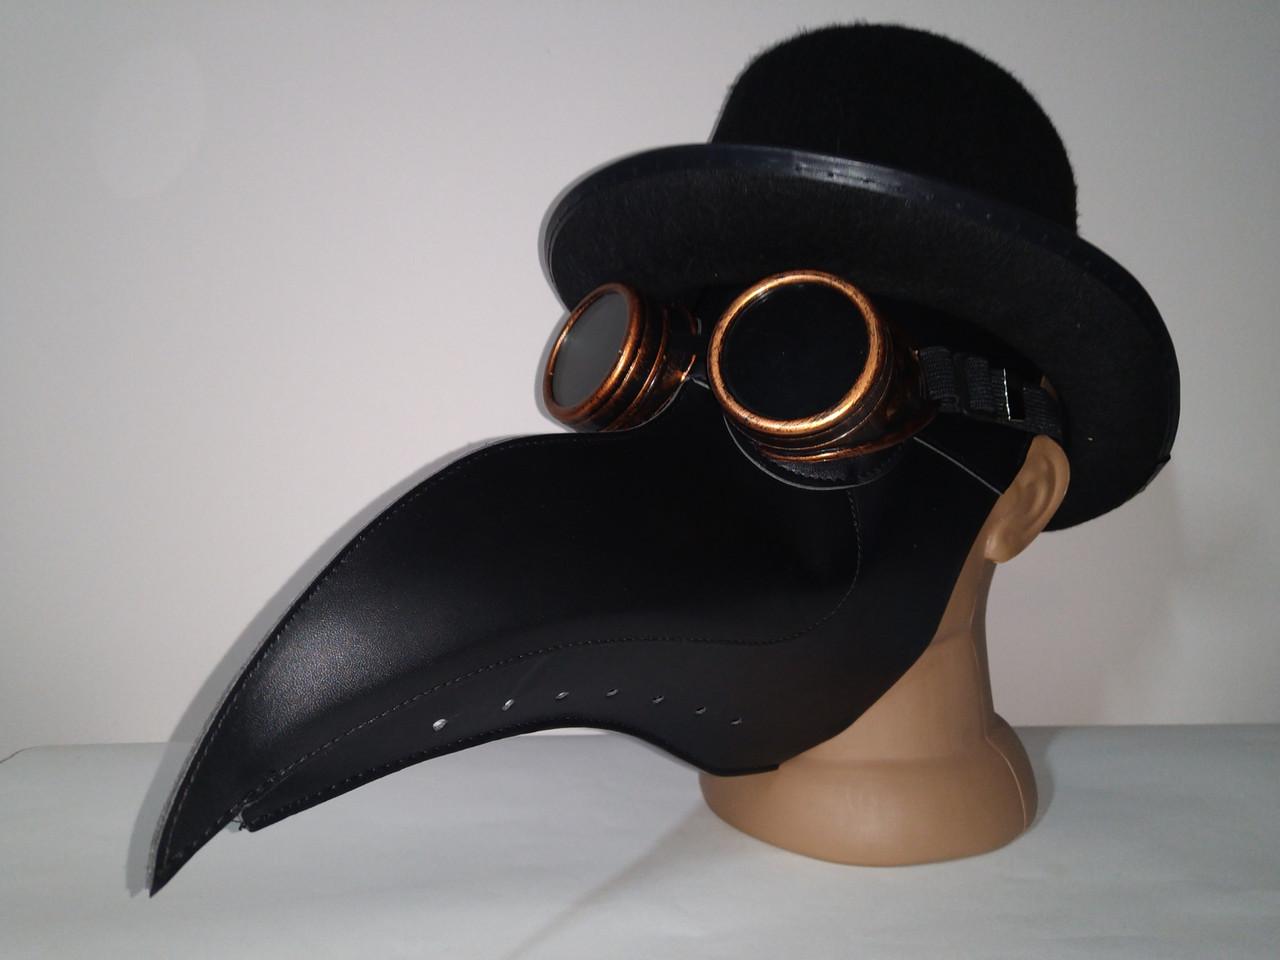 Набір чумної доктор маска в циліндрі з окулярами гогглы